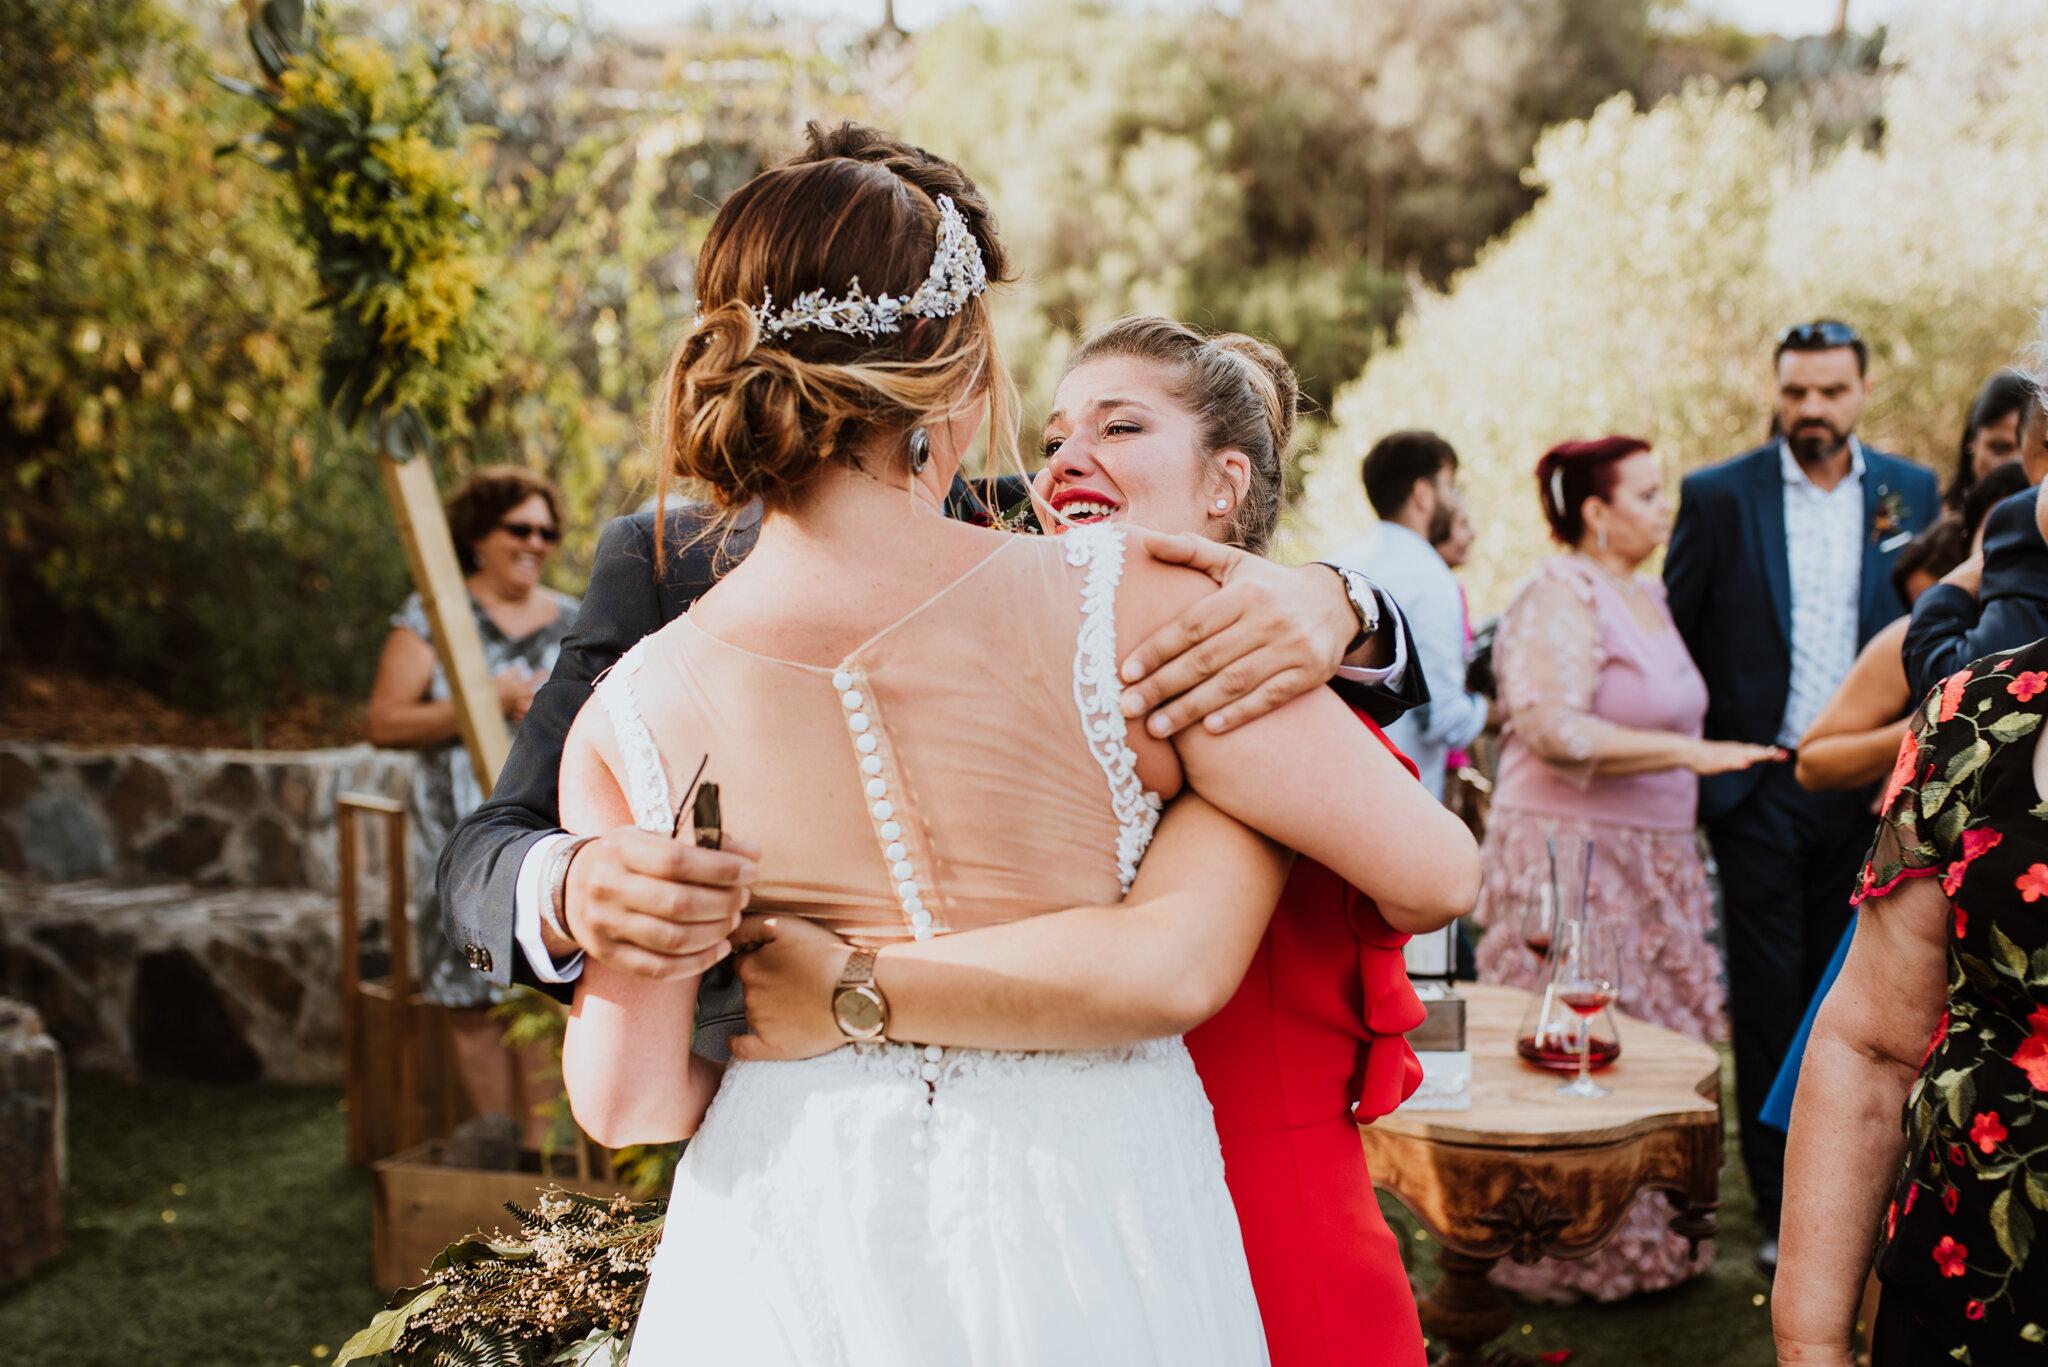 fotografo de bodas las palmas_-91.jpg